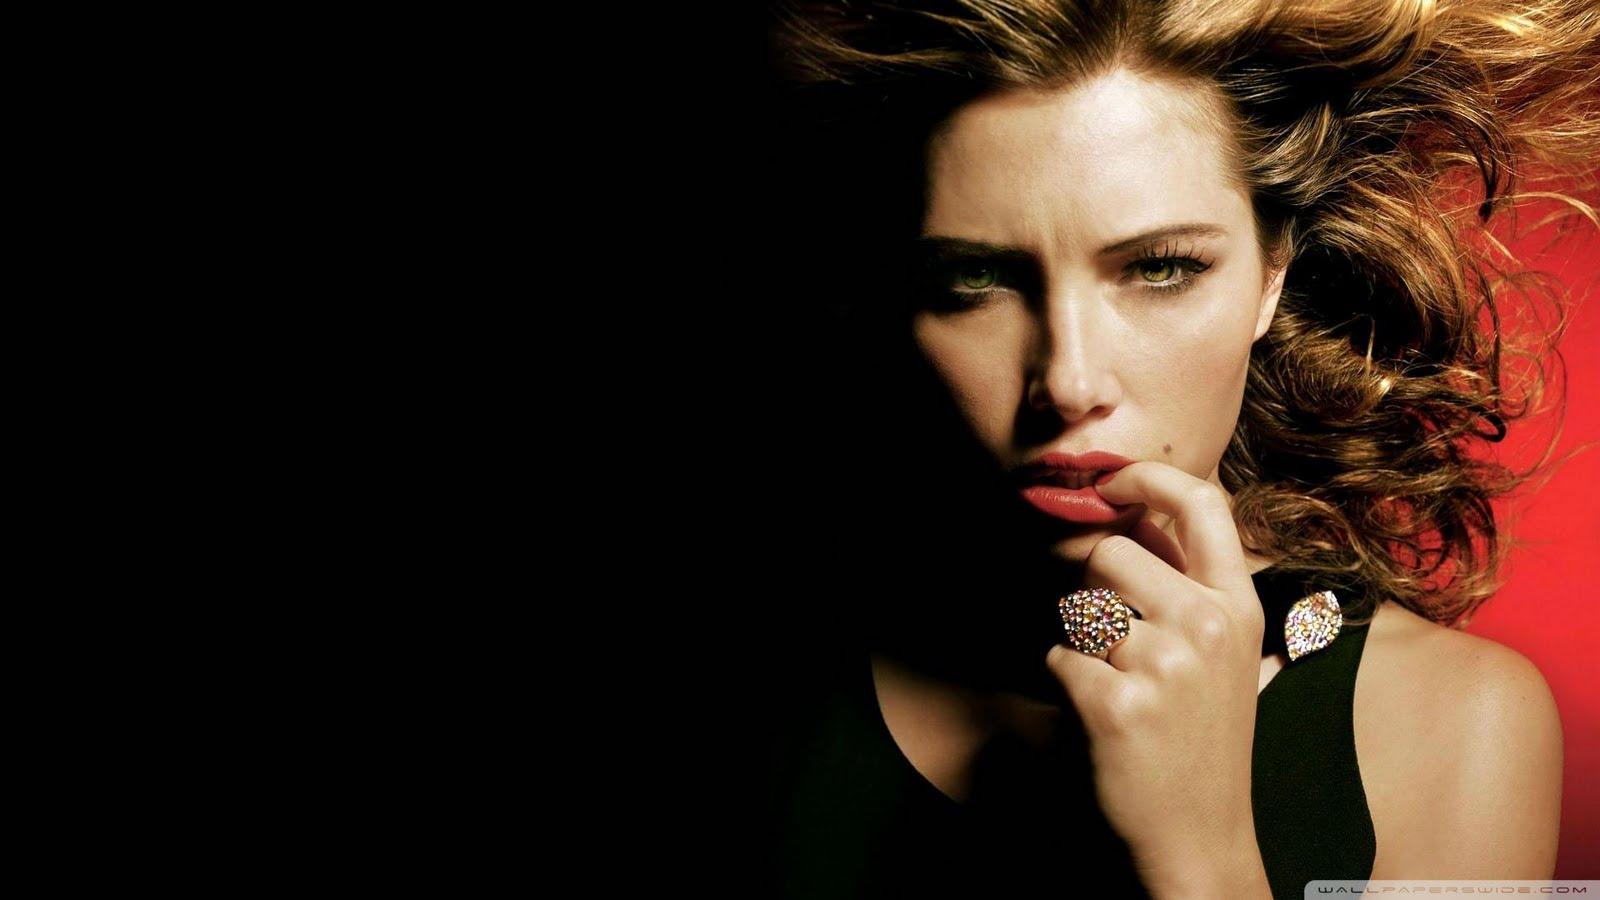 jessica biel wallpapers amp photos hollywood actress